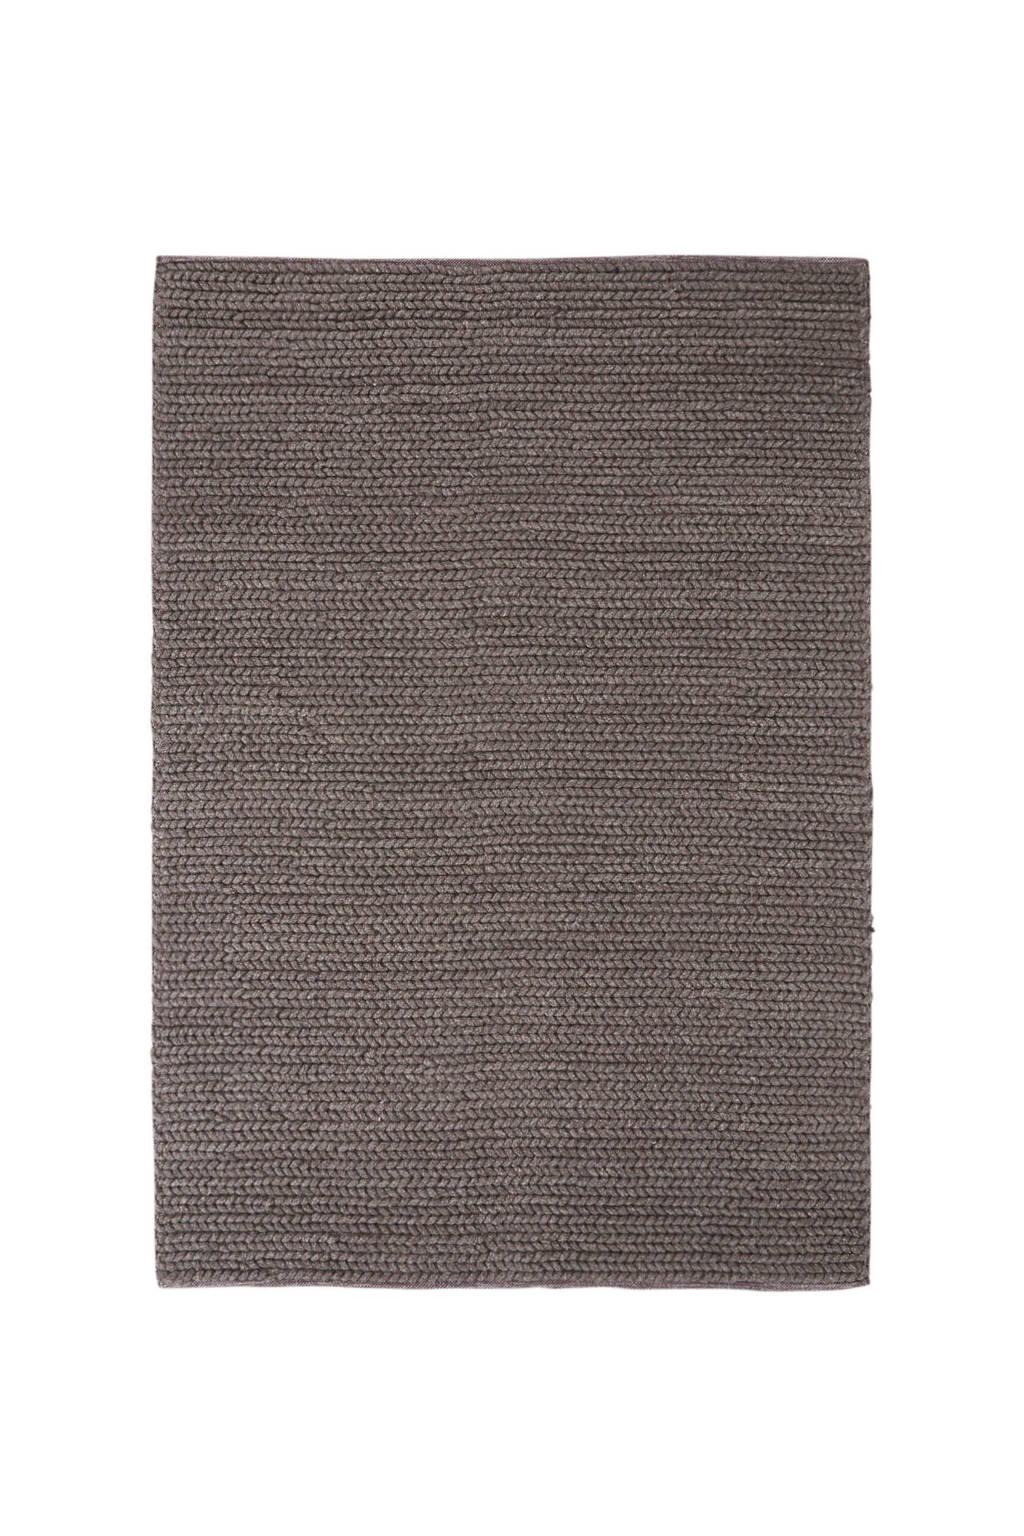 whkmp's own vloerkleed (100% wol)  (230x160 cm), Bruin/ecru gemêleerd